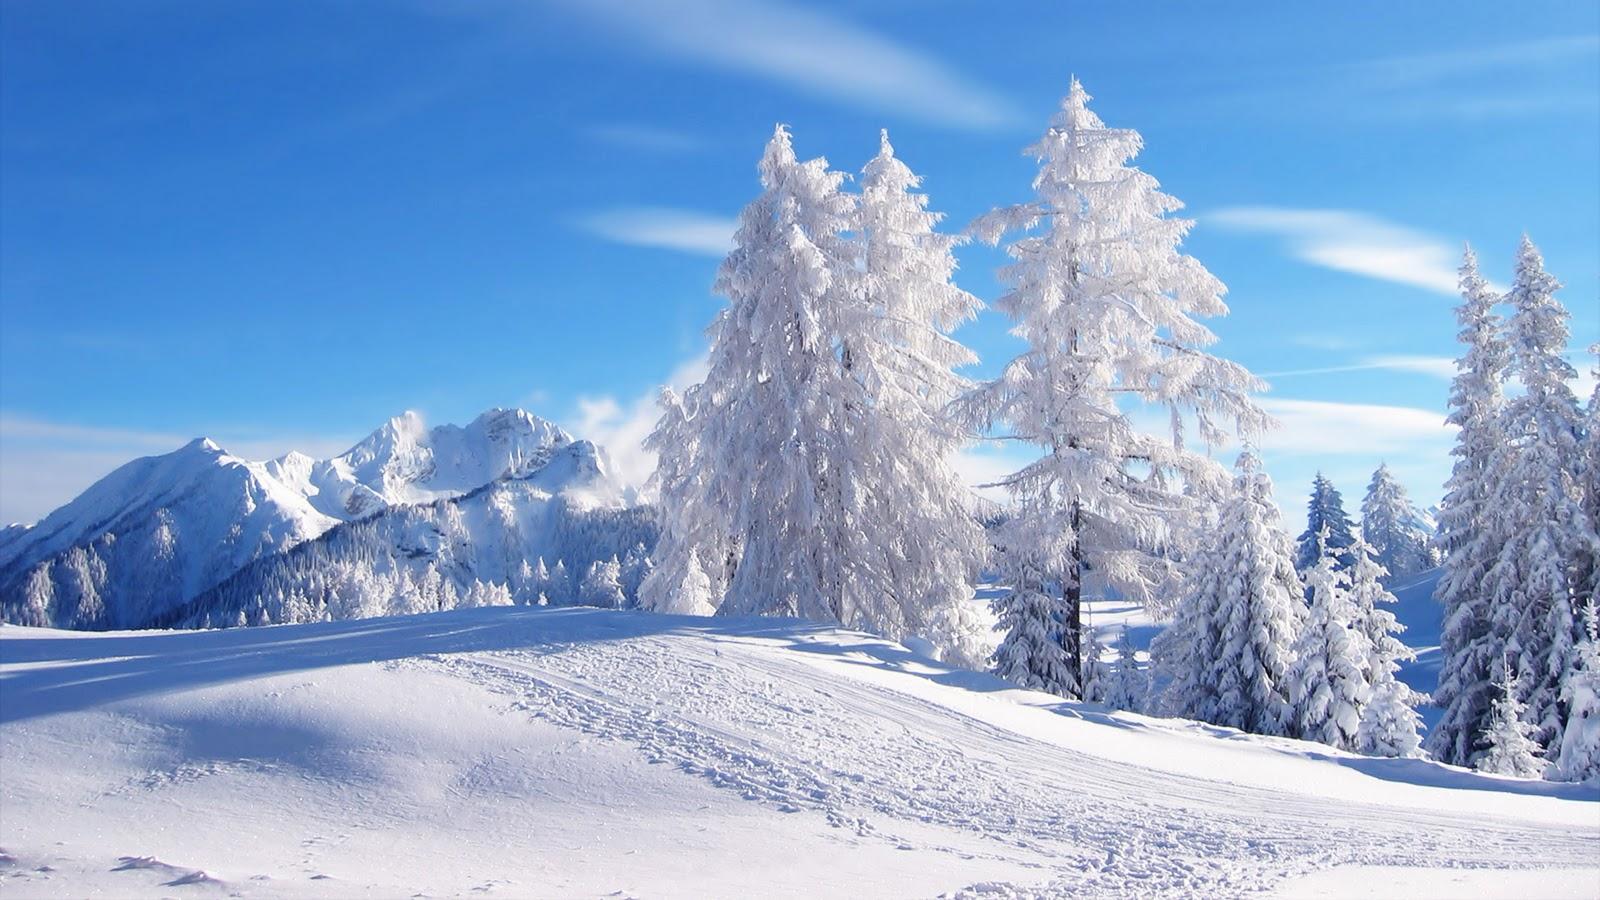 Winter Scenery HD Wallpapers-2